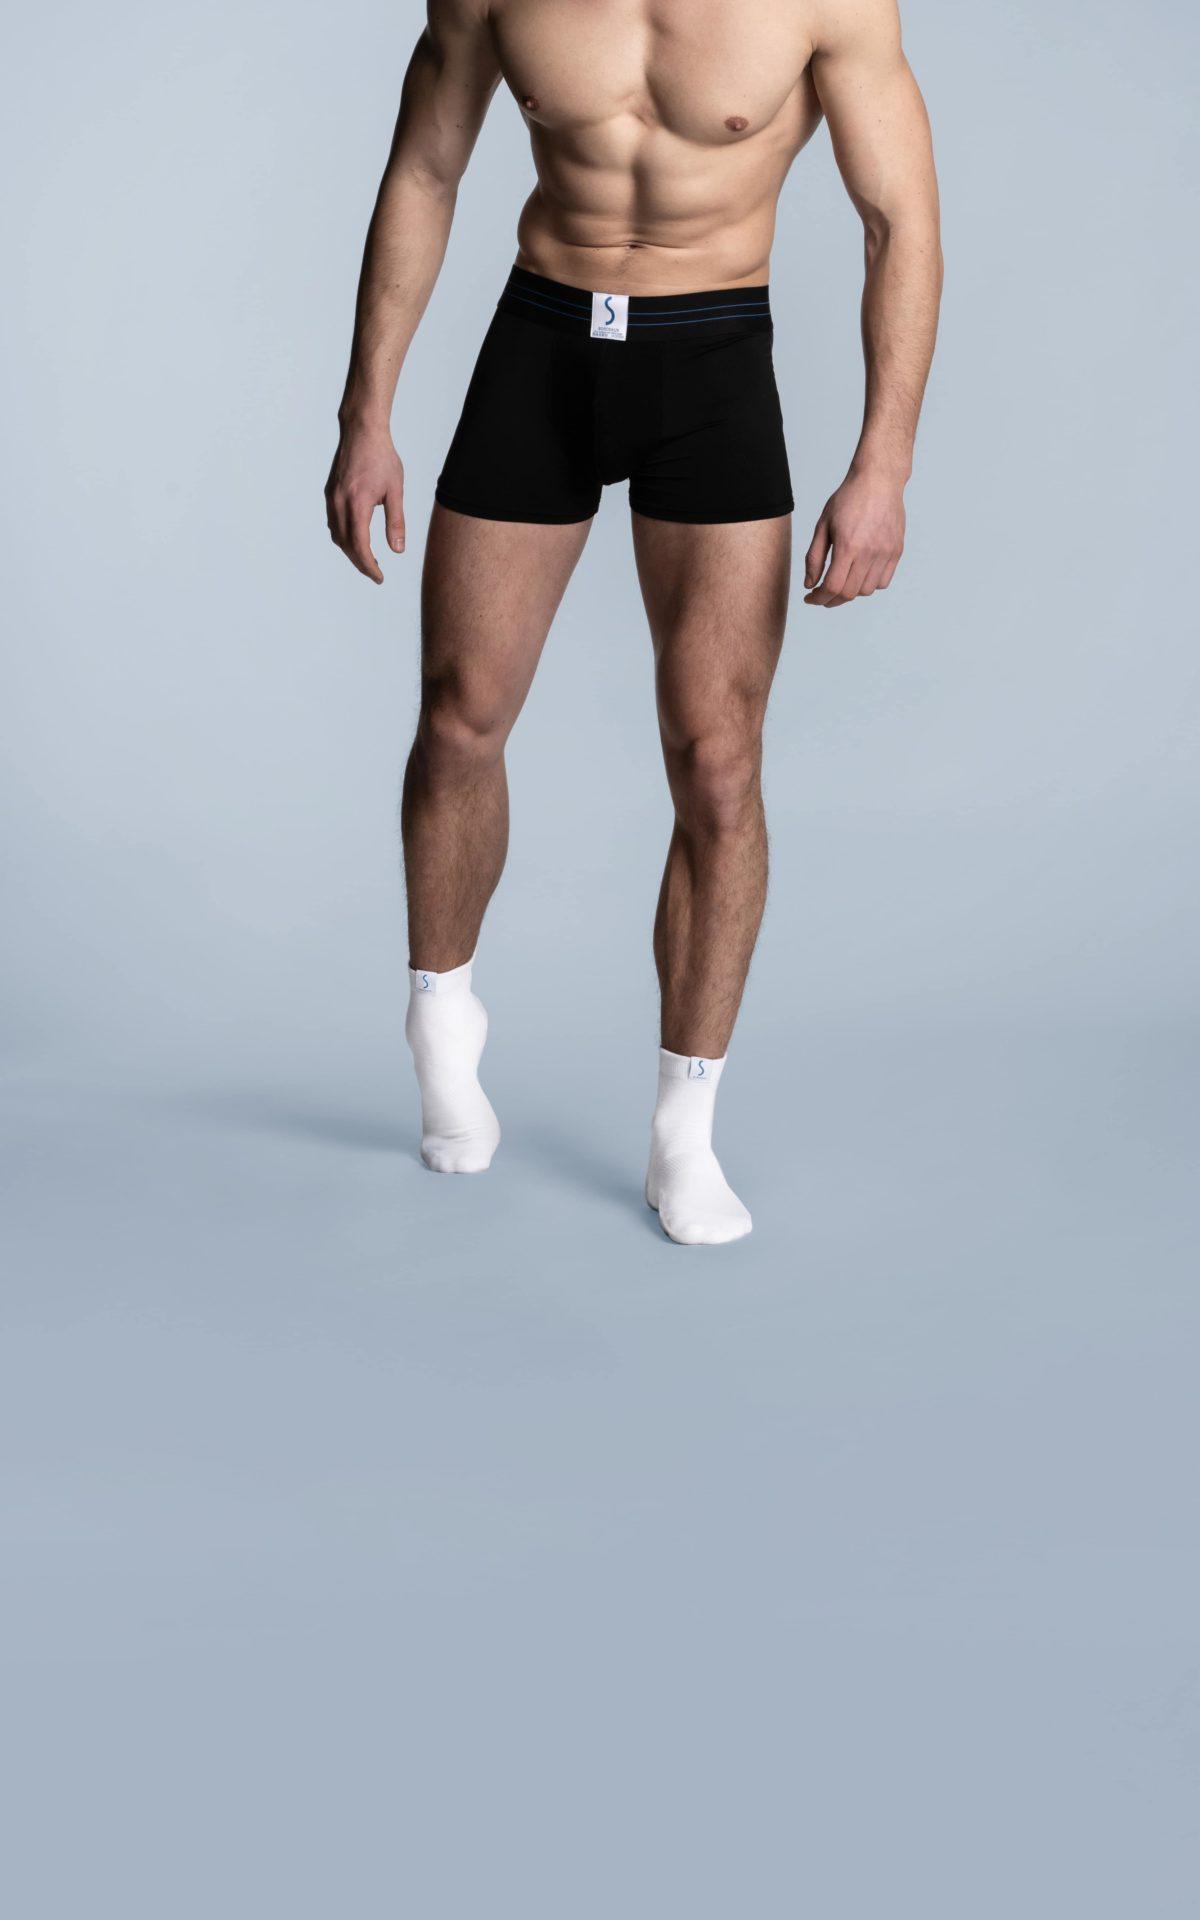 Homme portant un boxer sportif noir et des chaussettes socquettes blanches de la marque S BORDEAUX